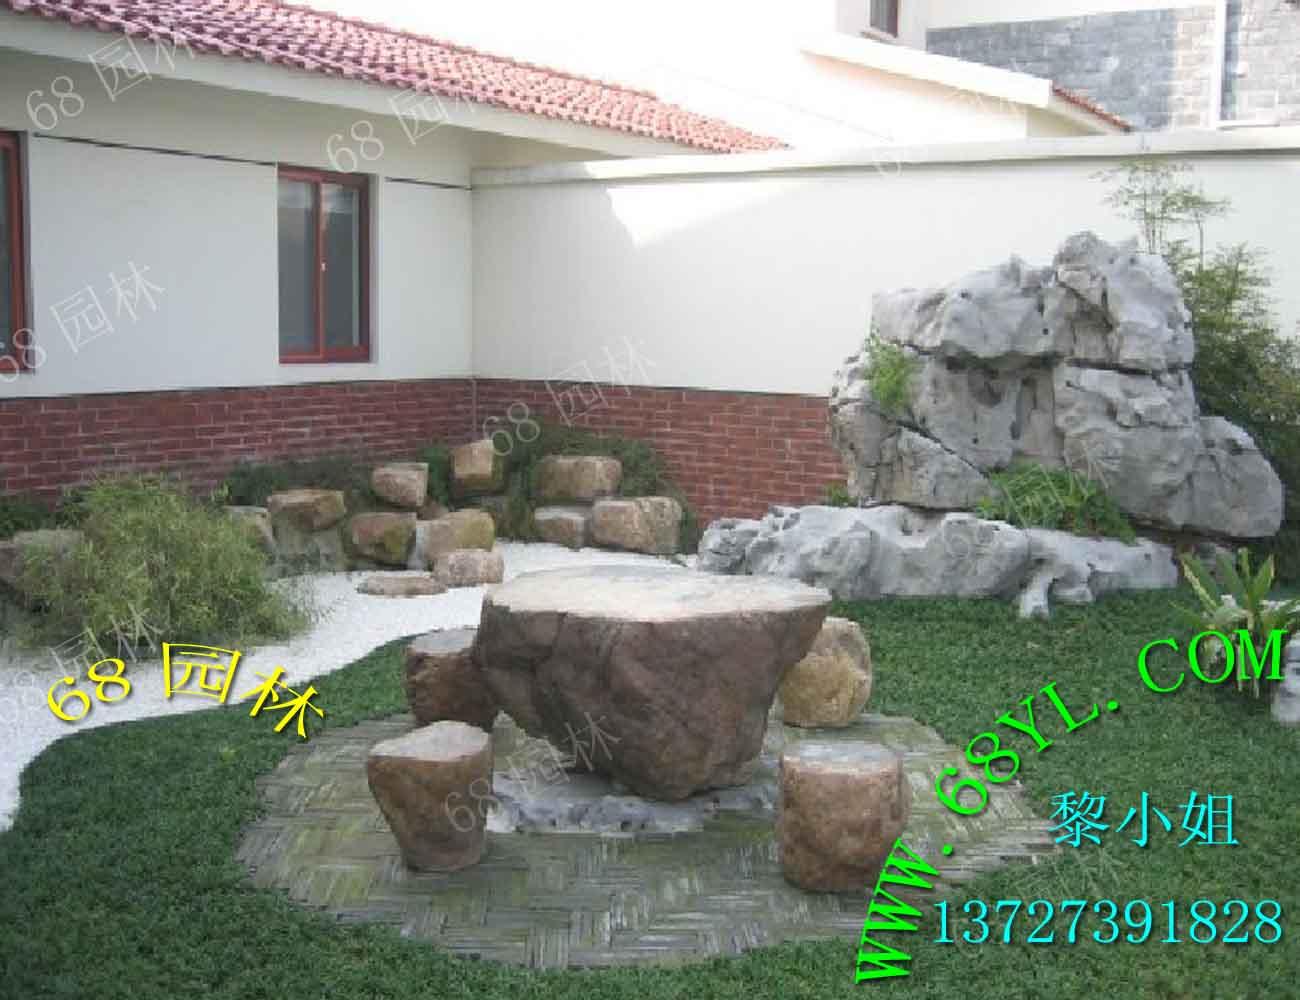 供应日式花园设计,黄腊石台,石凳,太湖石假山摆景批发